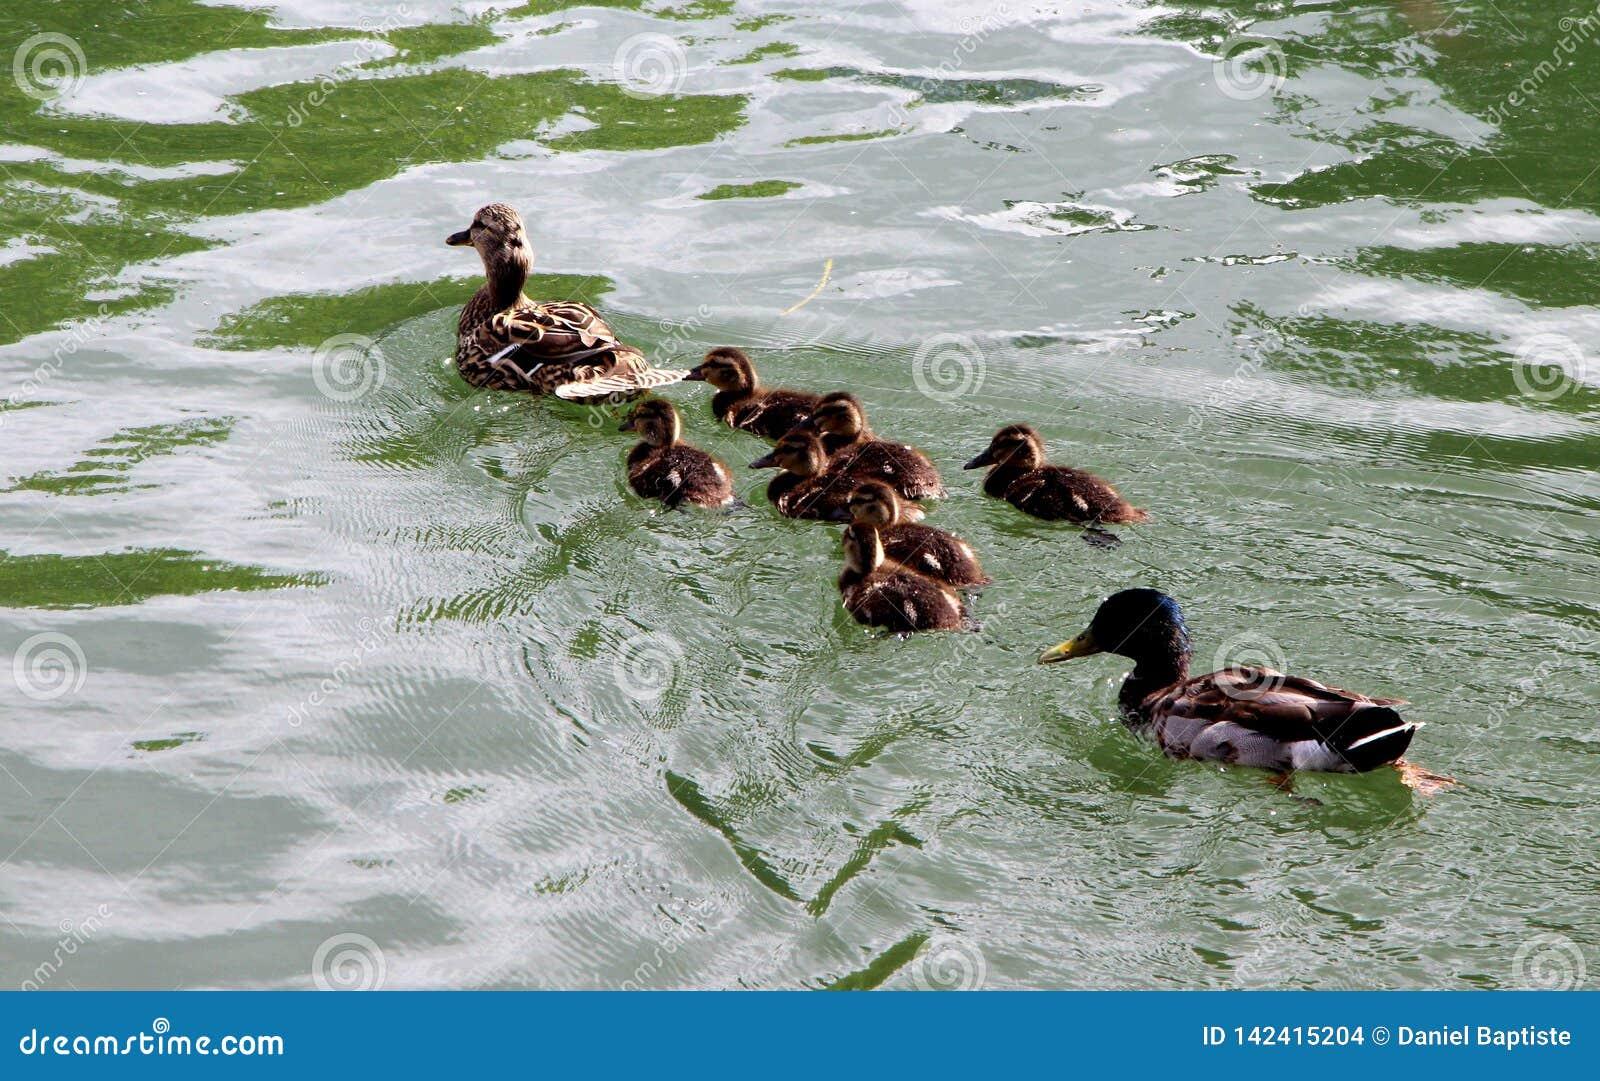 Ente, eine Mutter und ihre Jungen schwimmen ruhig